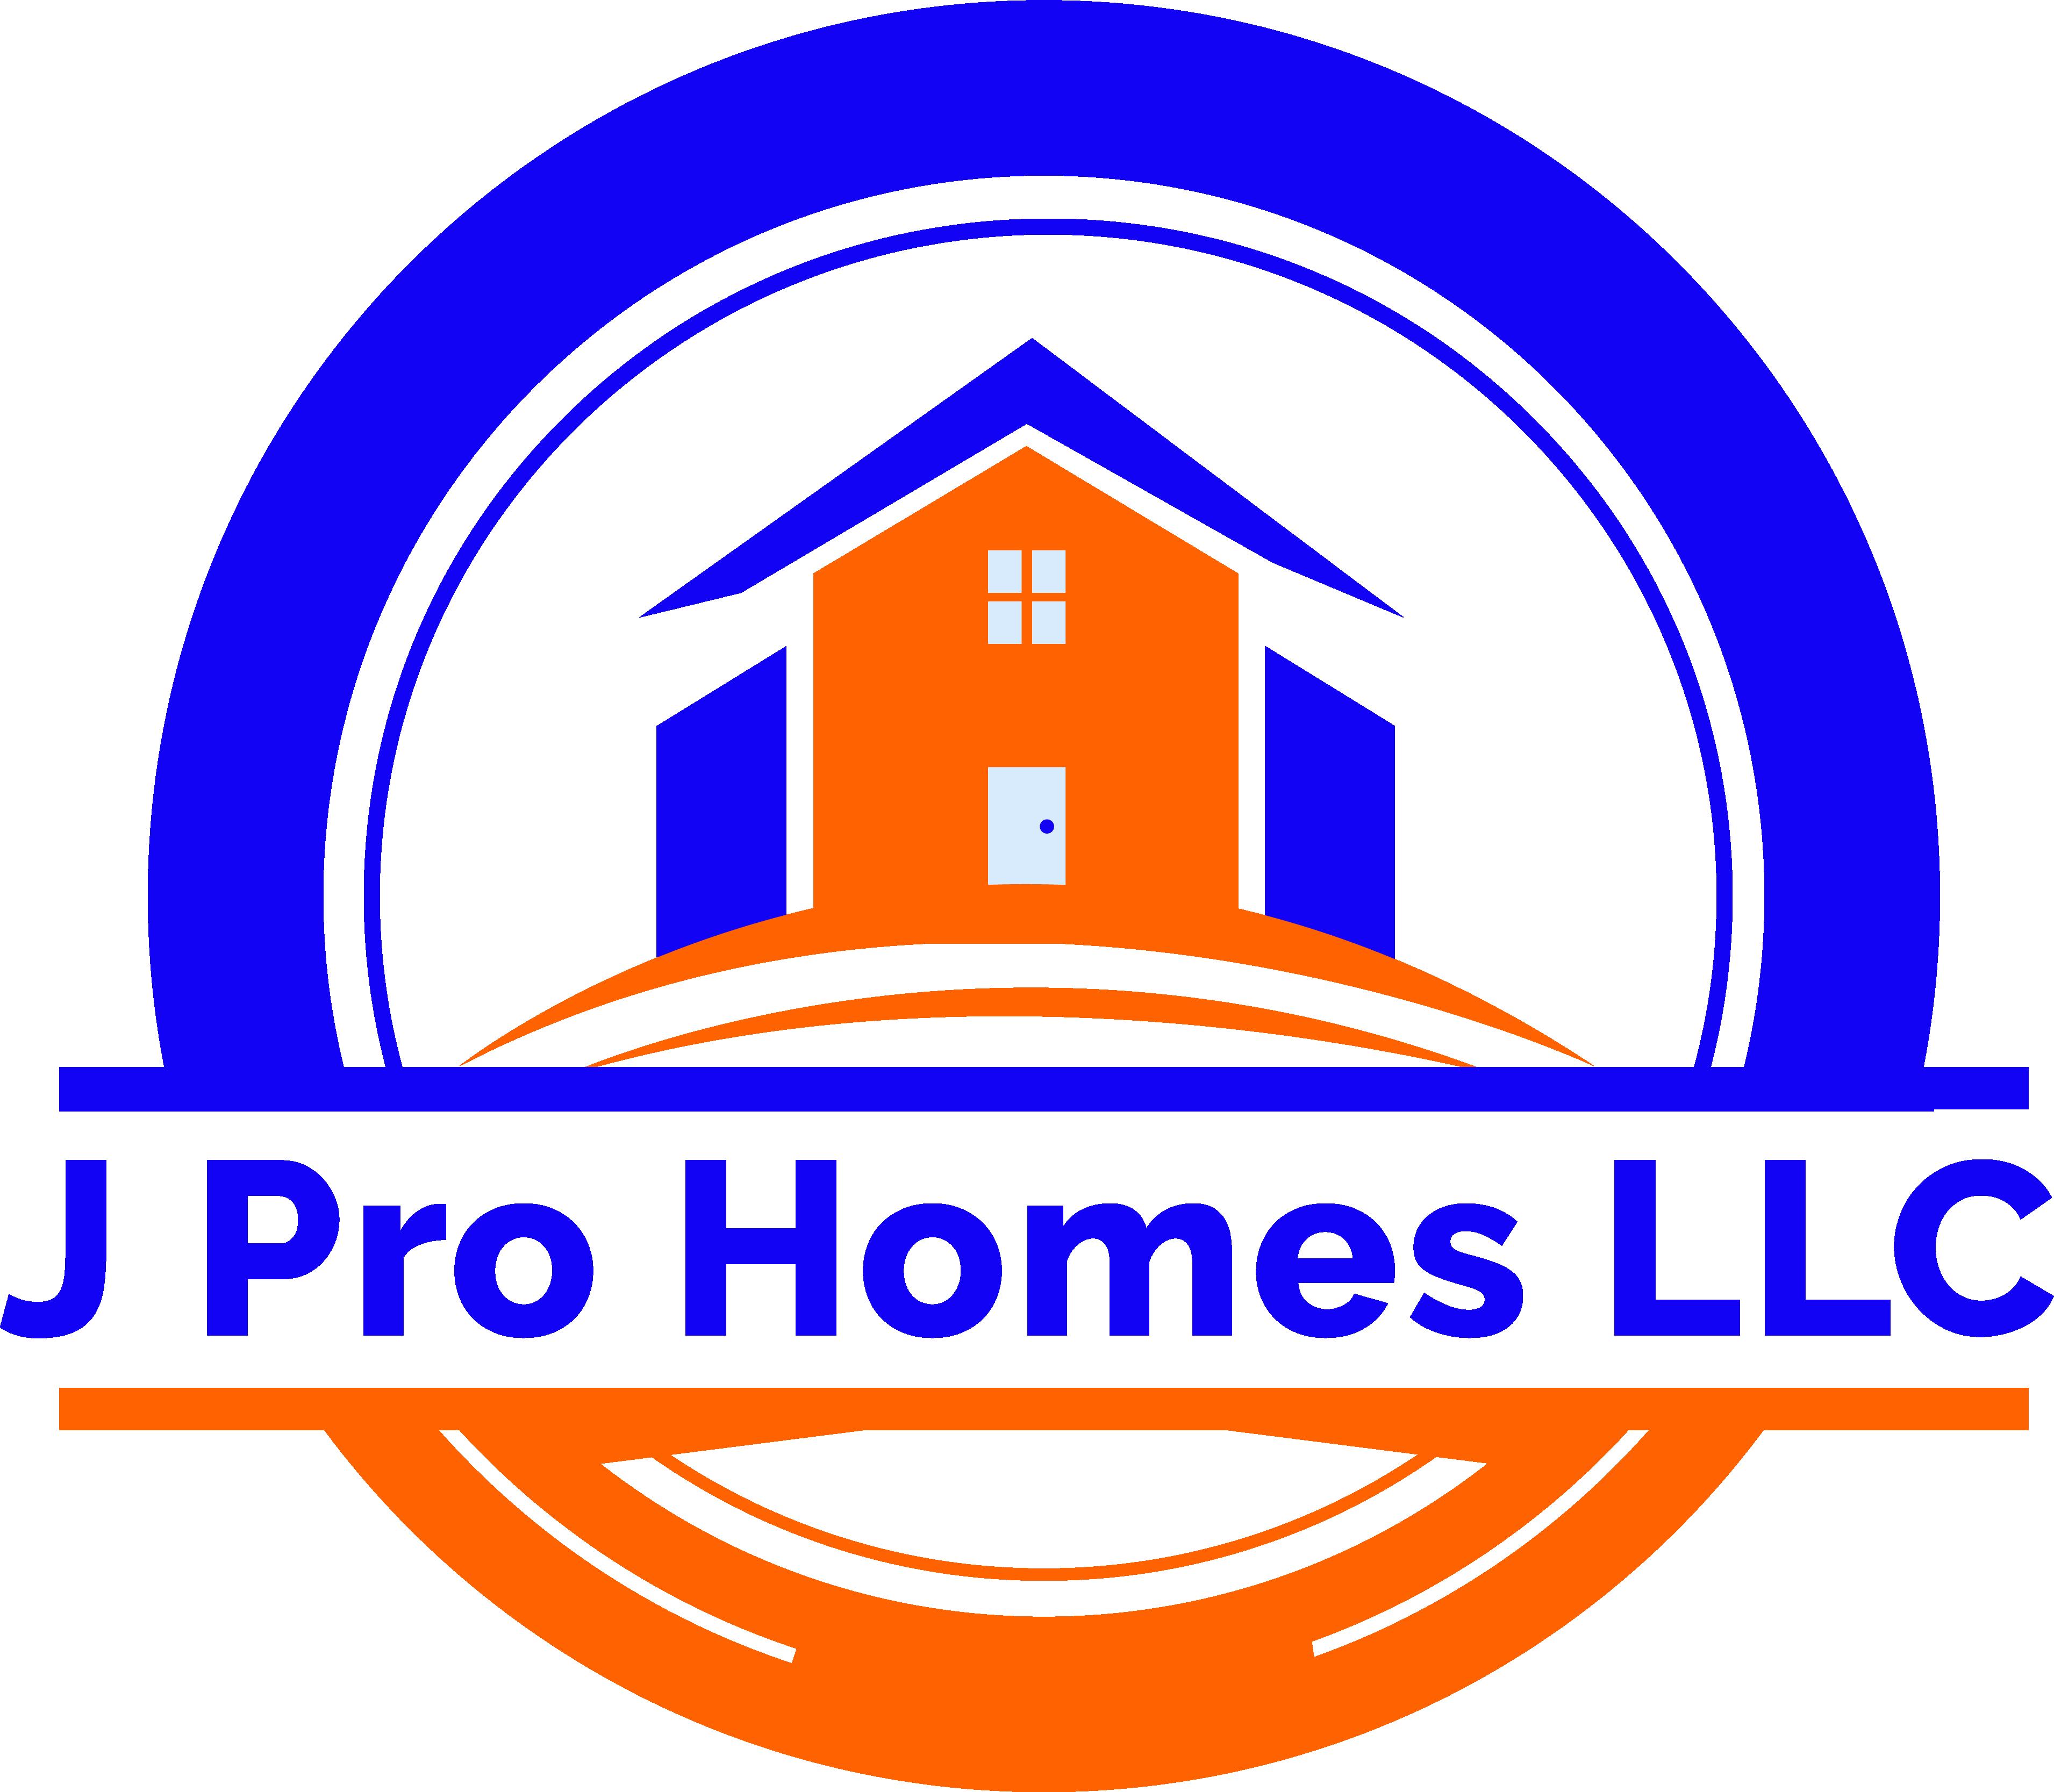 J Pro Homes LLC